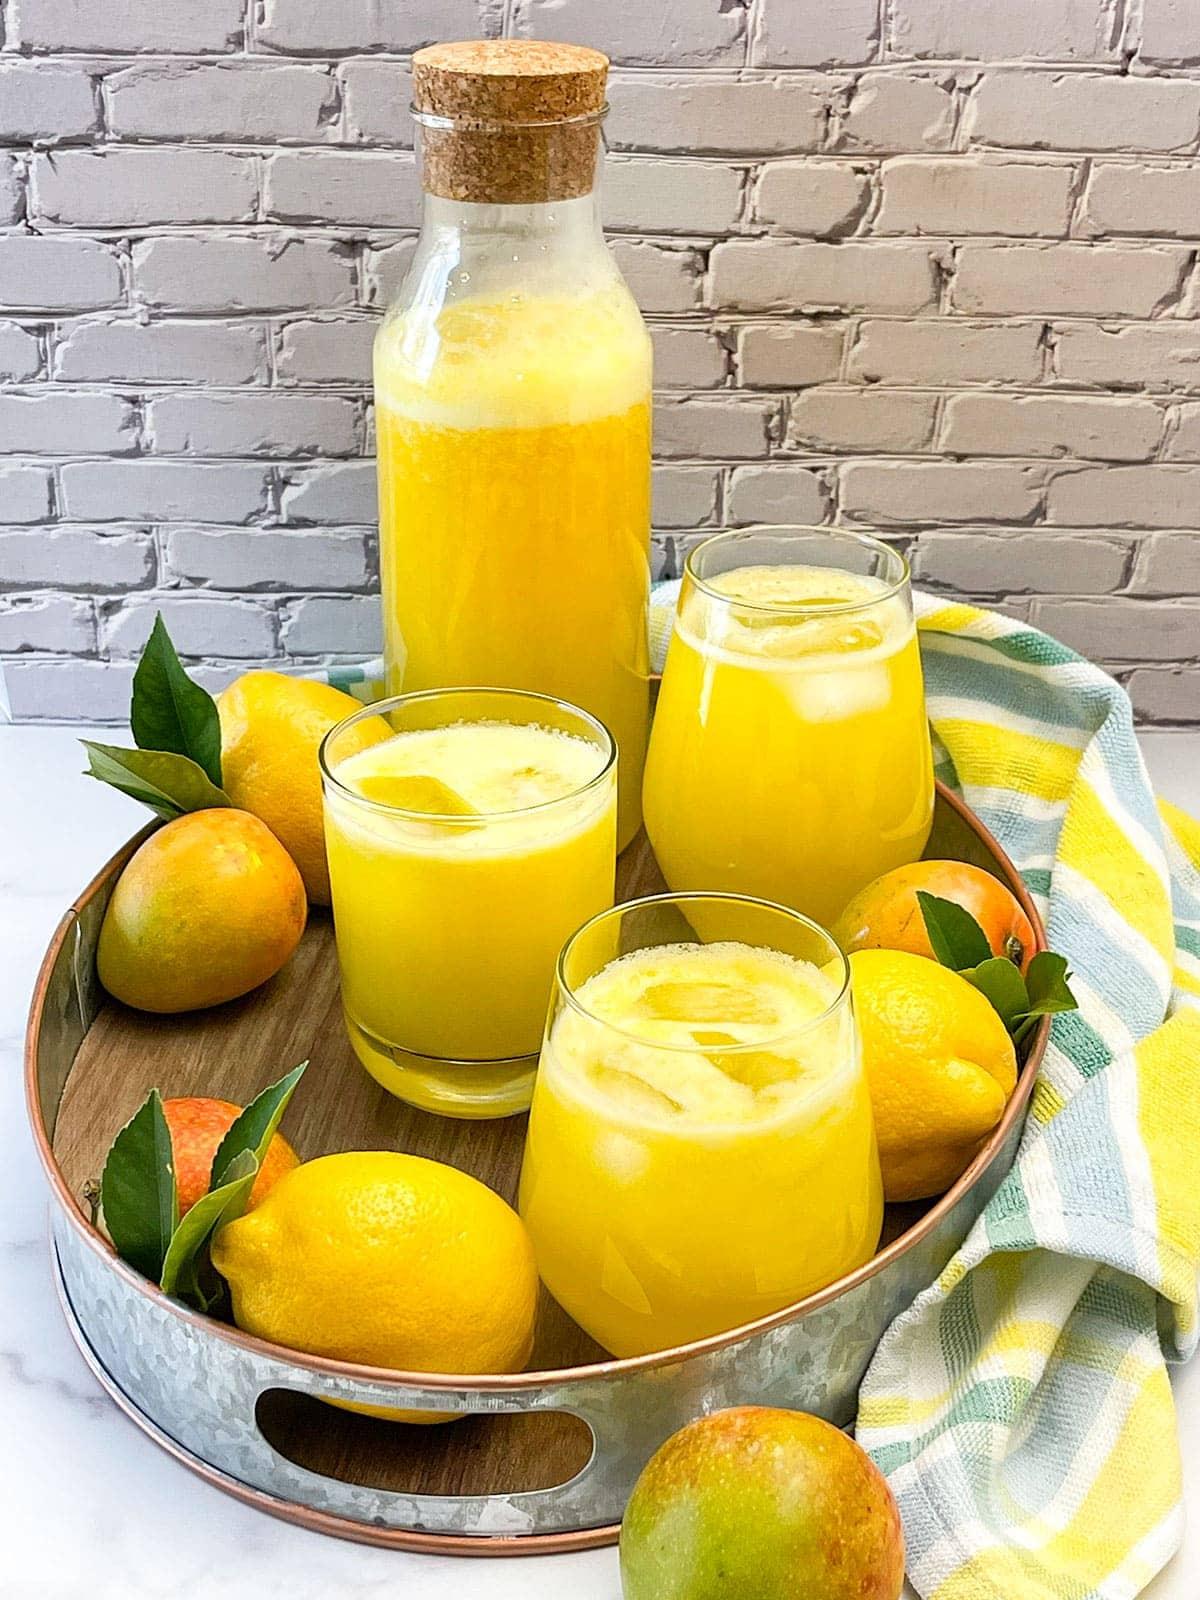 mango lemonade on a platter